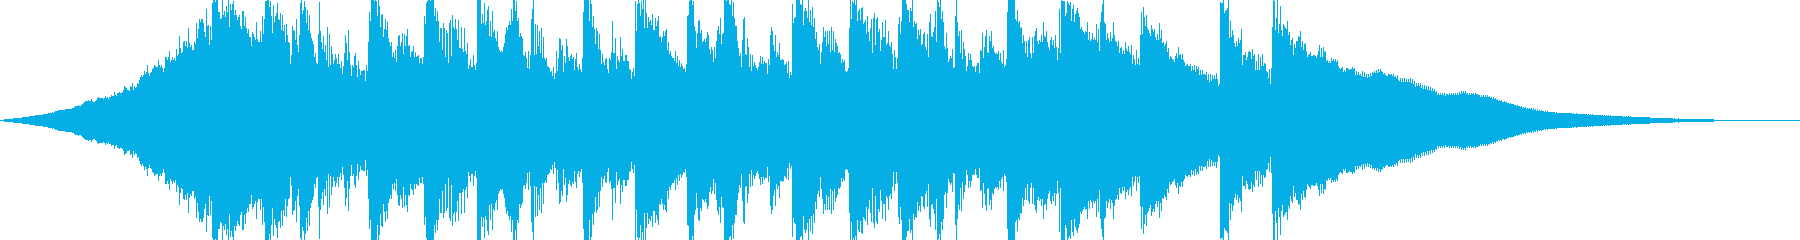 CMやサウンドロゴに、爽やかなアコギの曲の再生済みの波形